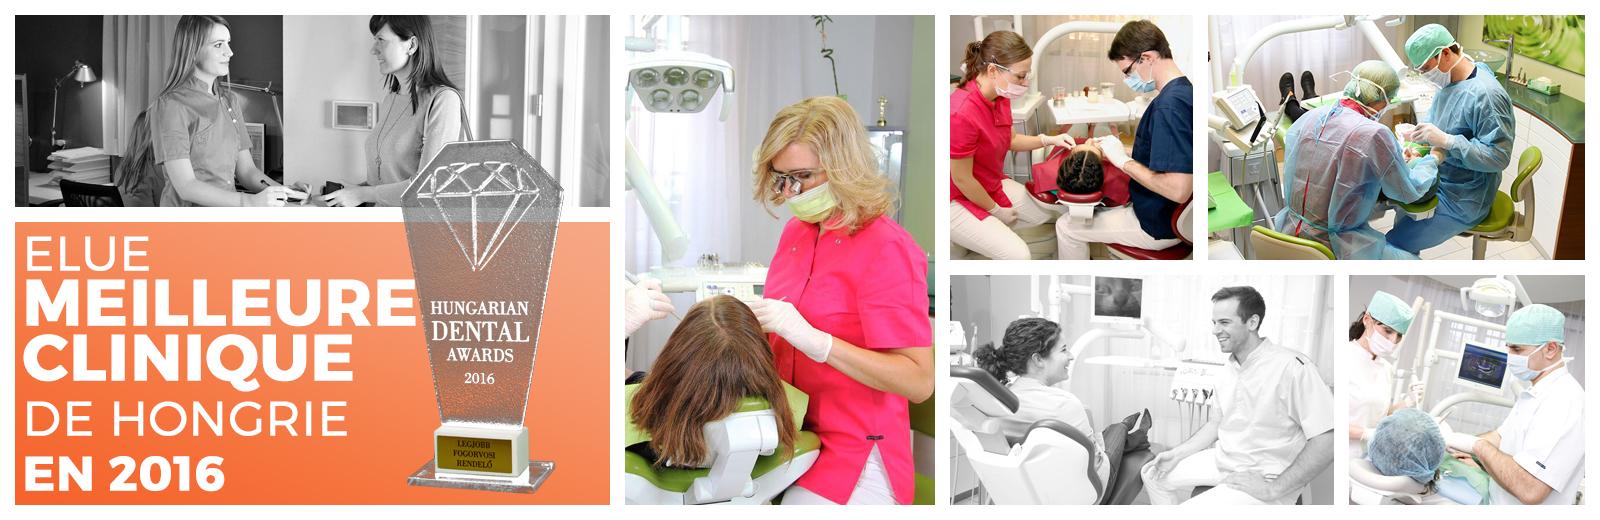 clinique dentaire budapest hongrie